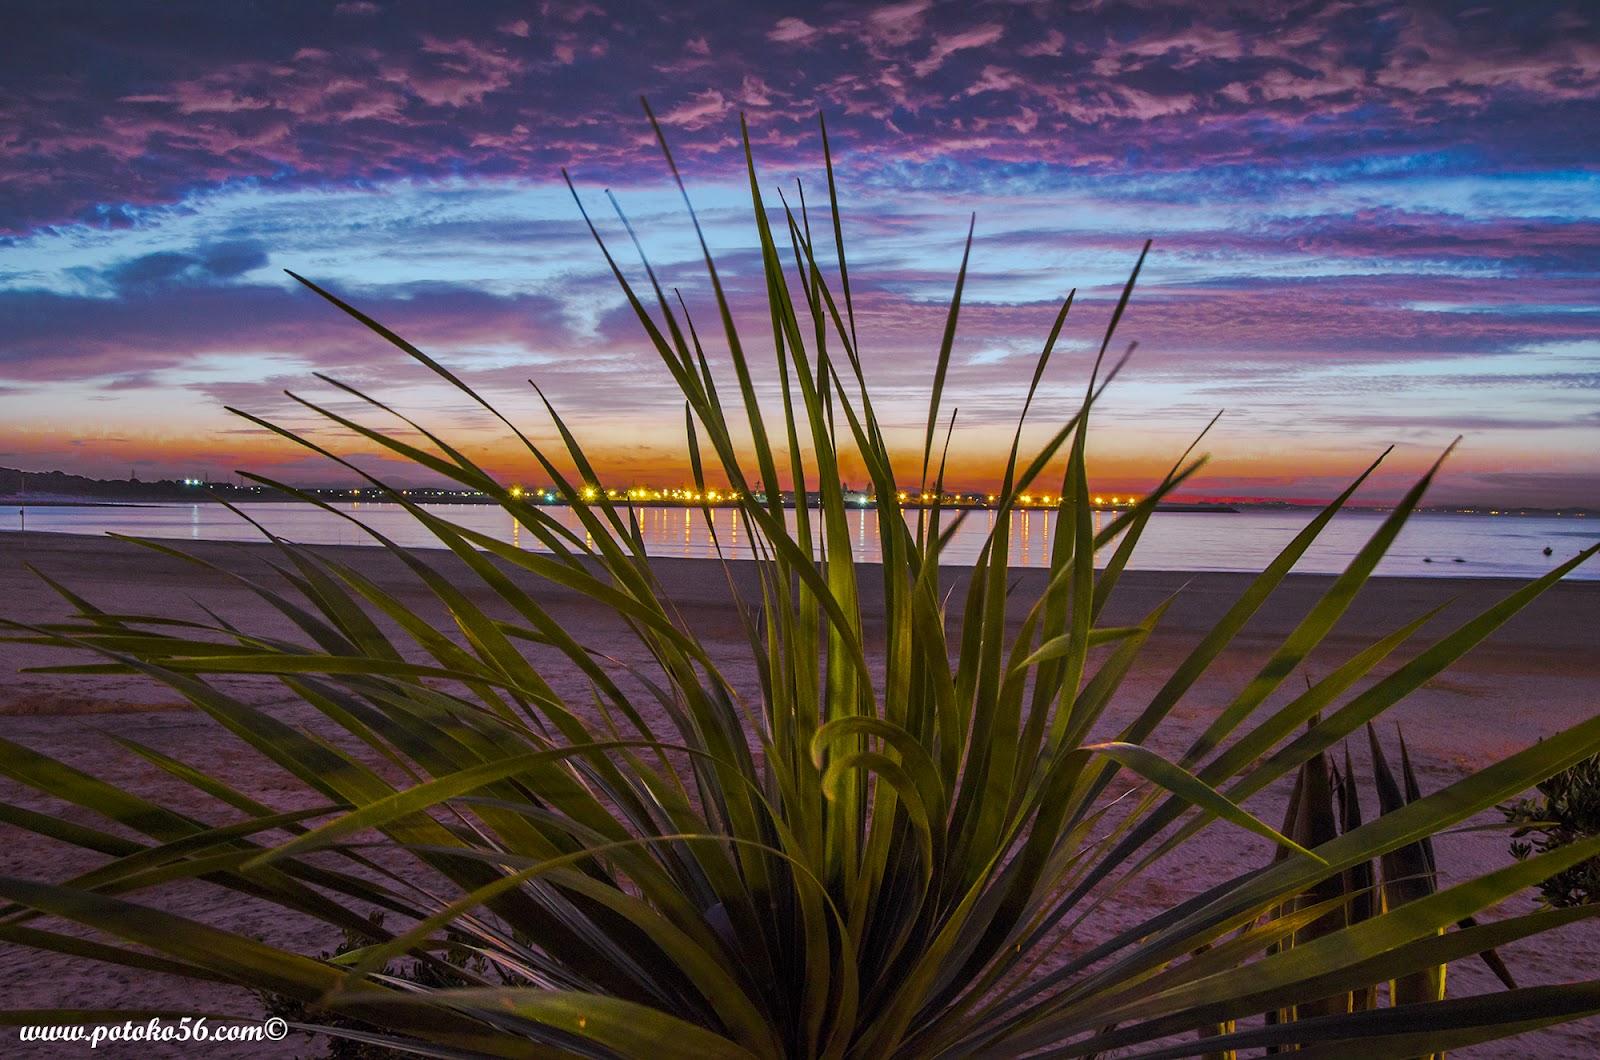 un amanecer en Rota visto detrás de un cactus en el paseeo